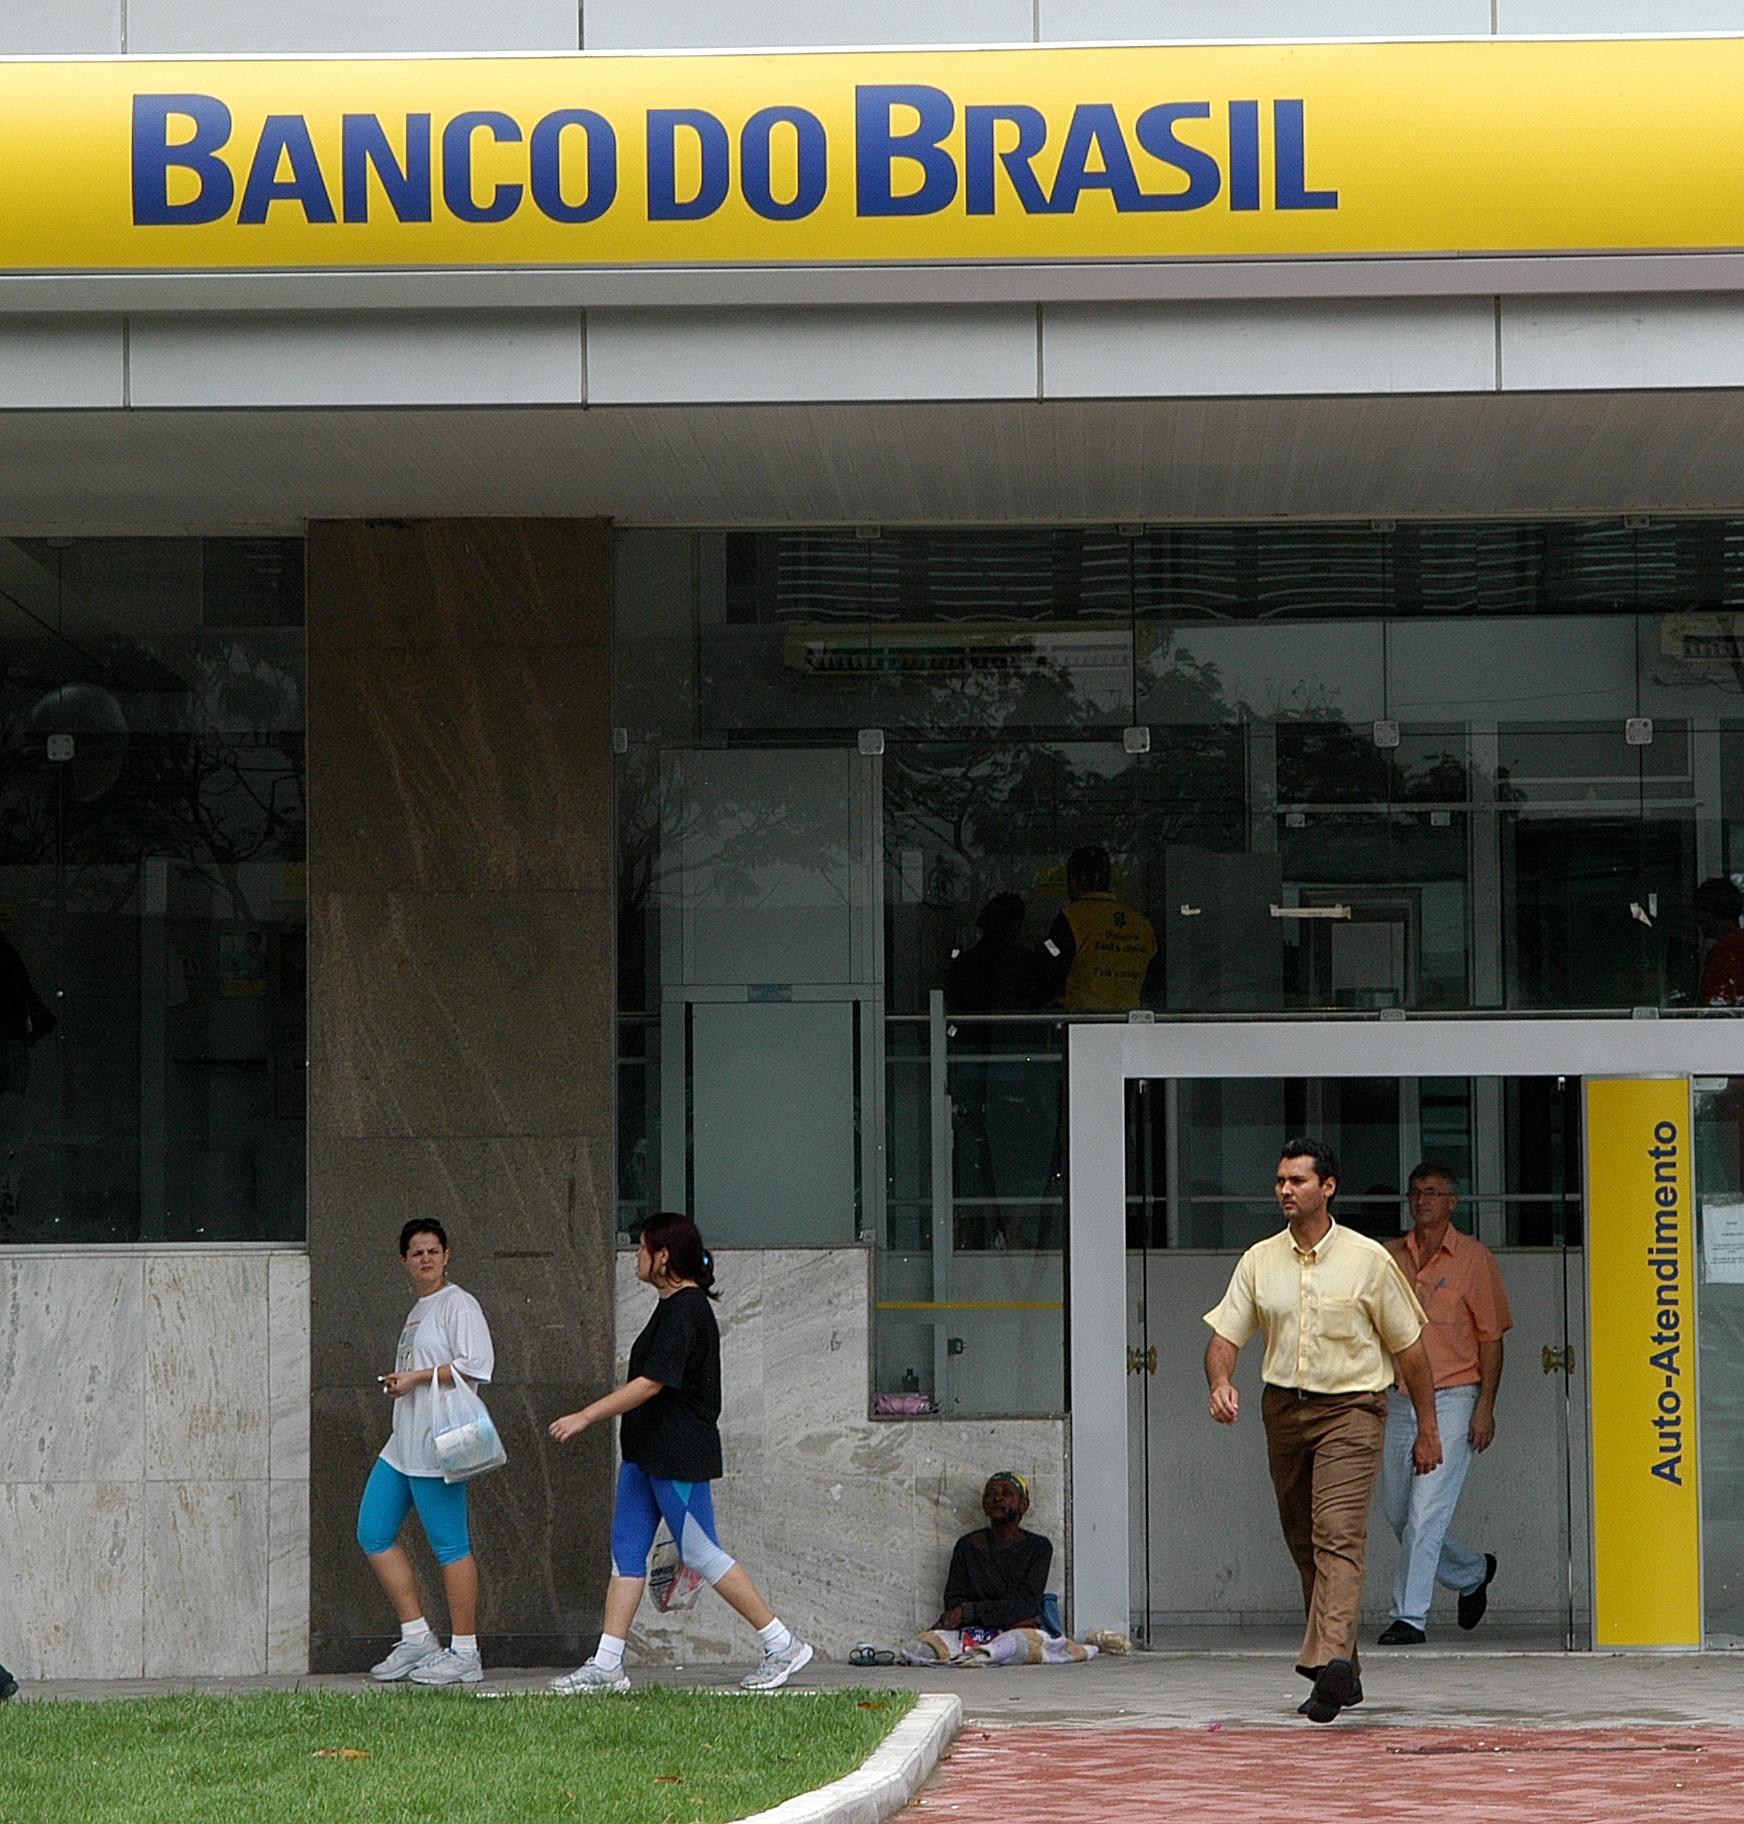 O Banco do Brasil anunciou nesta sexta-feira, 26, a renúncia de Paulo Roberto Caffarelli do comando da instituição. Crédito: Gildo Loyola/Arquivo